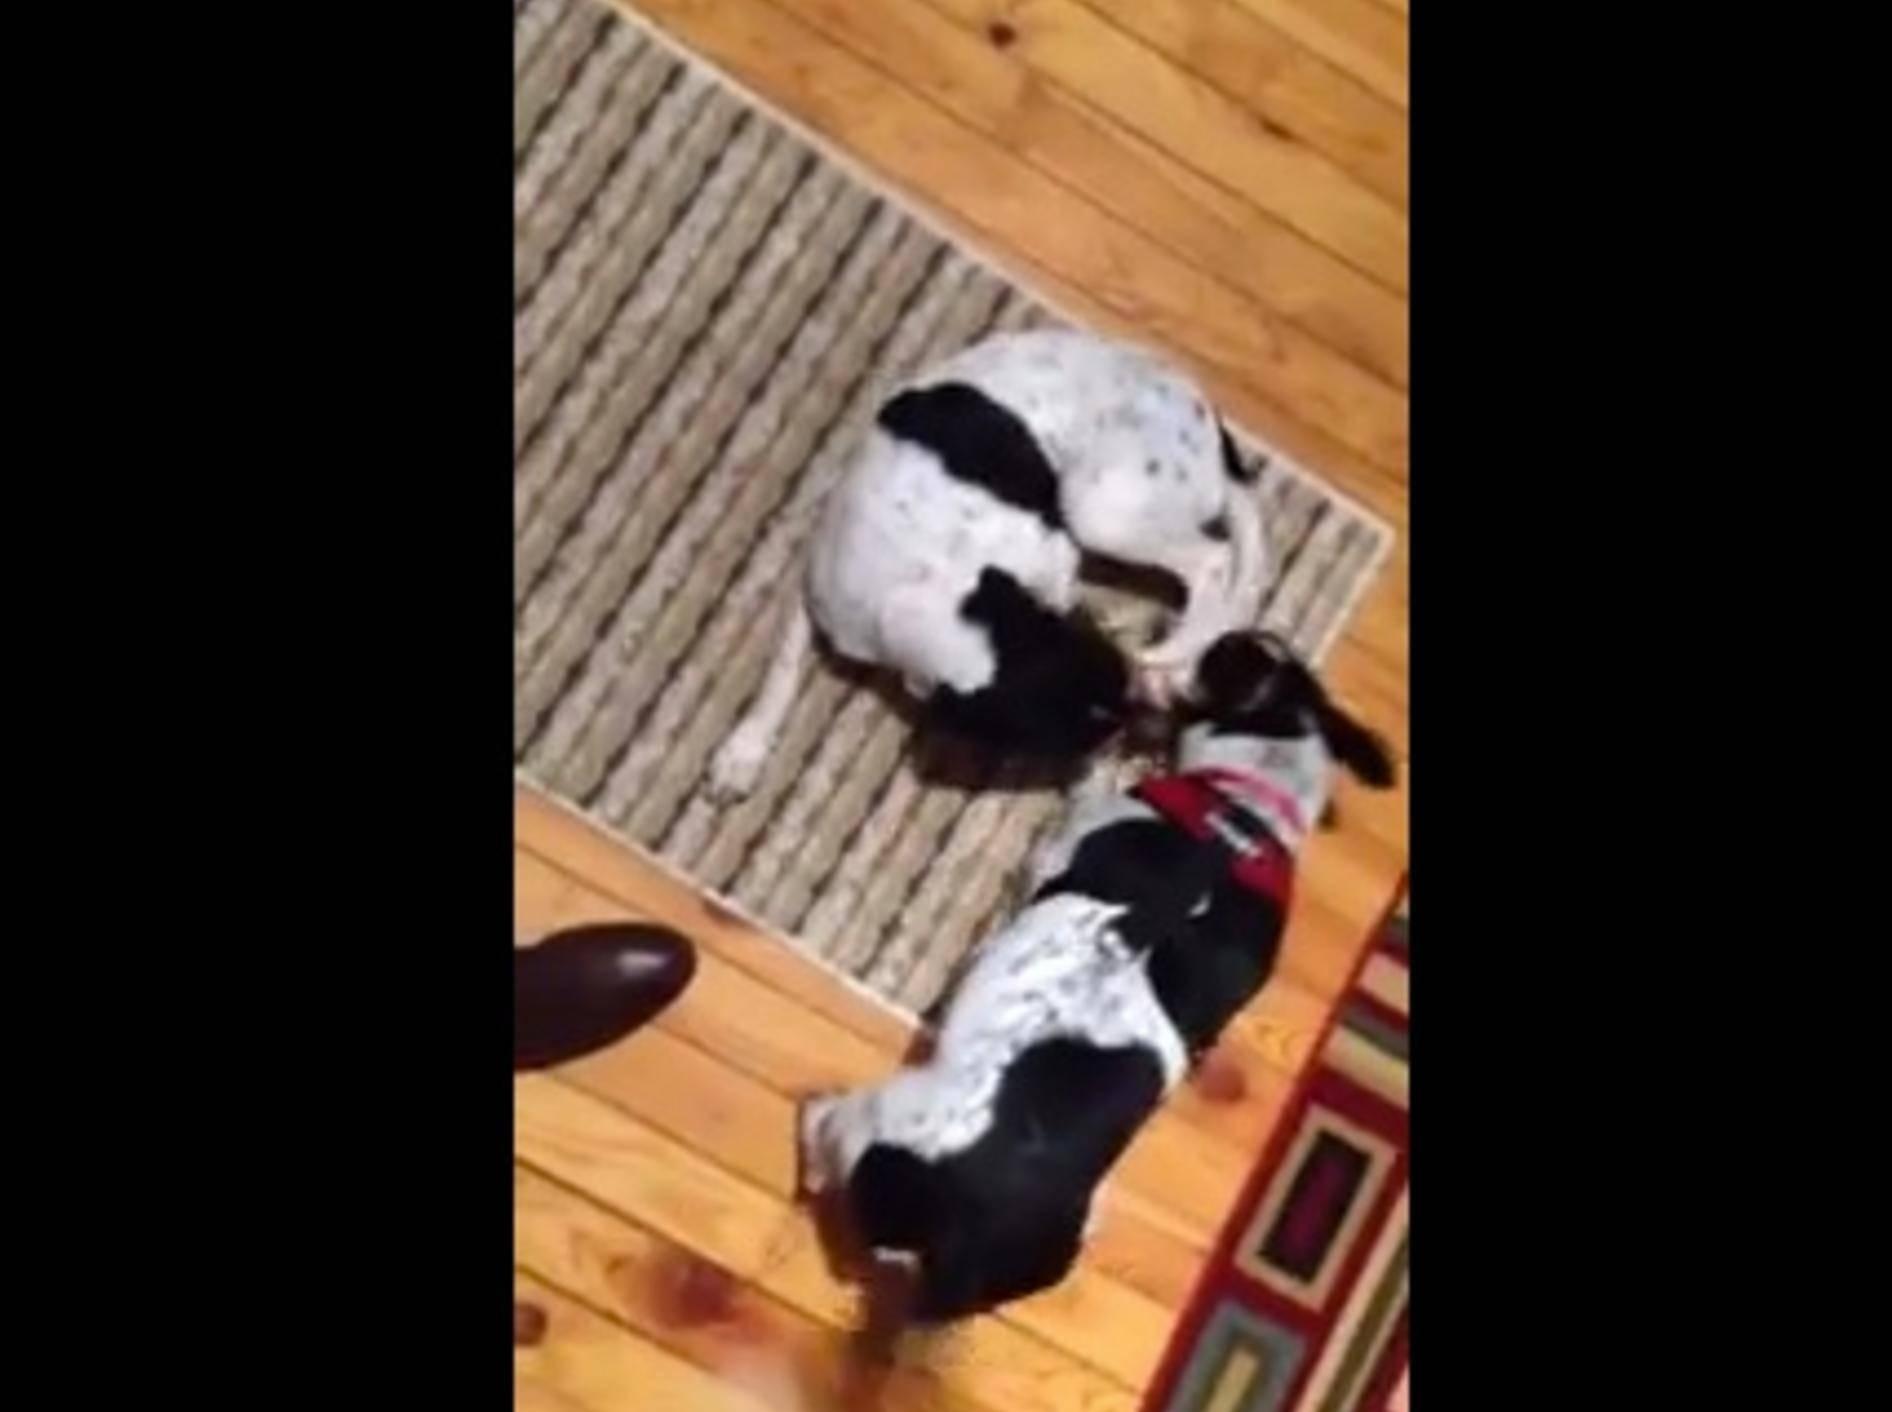 Zwei Hunde feiern tierisch schönes Wiedersehen – Bild: Youtube / foxtail7777